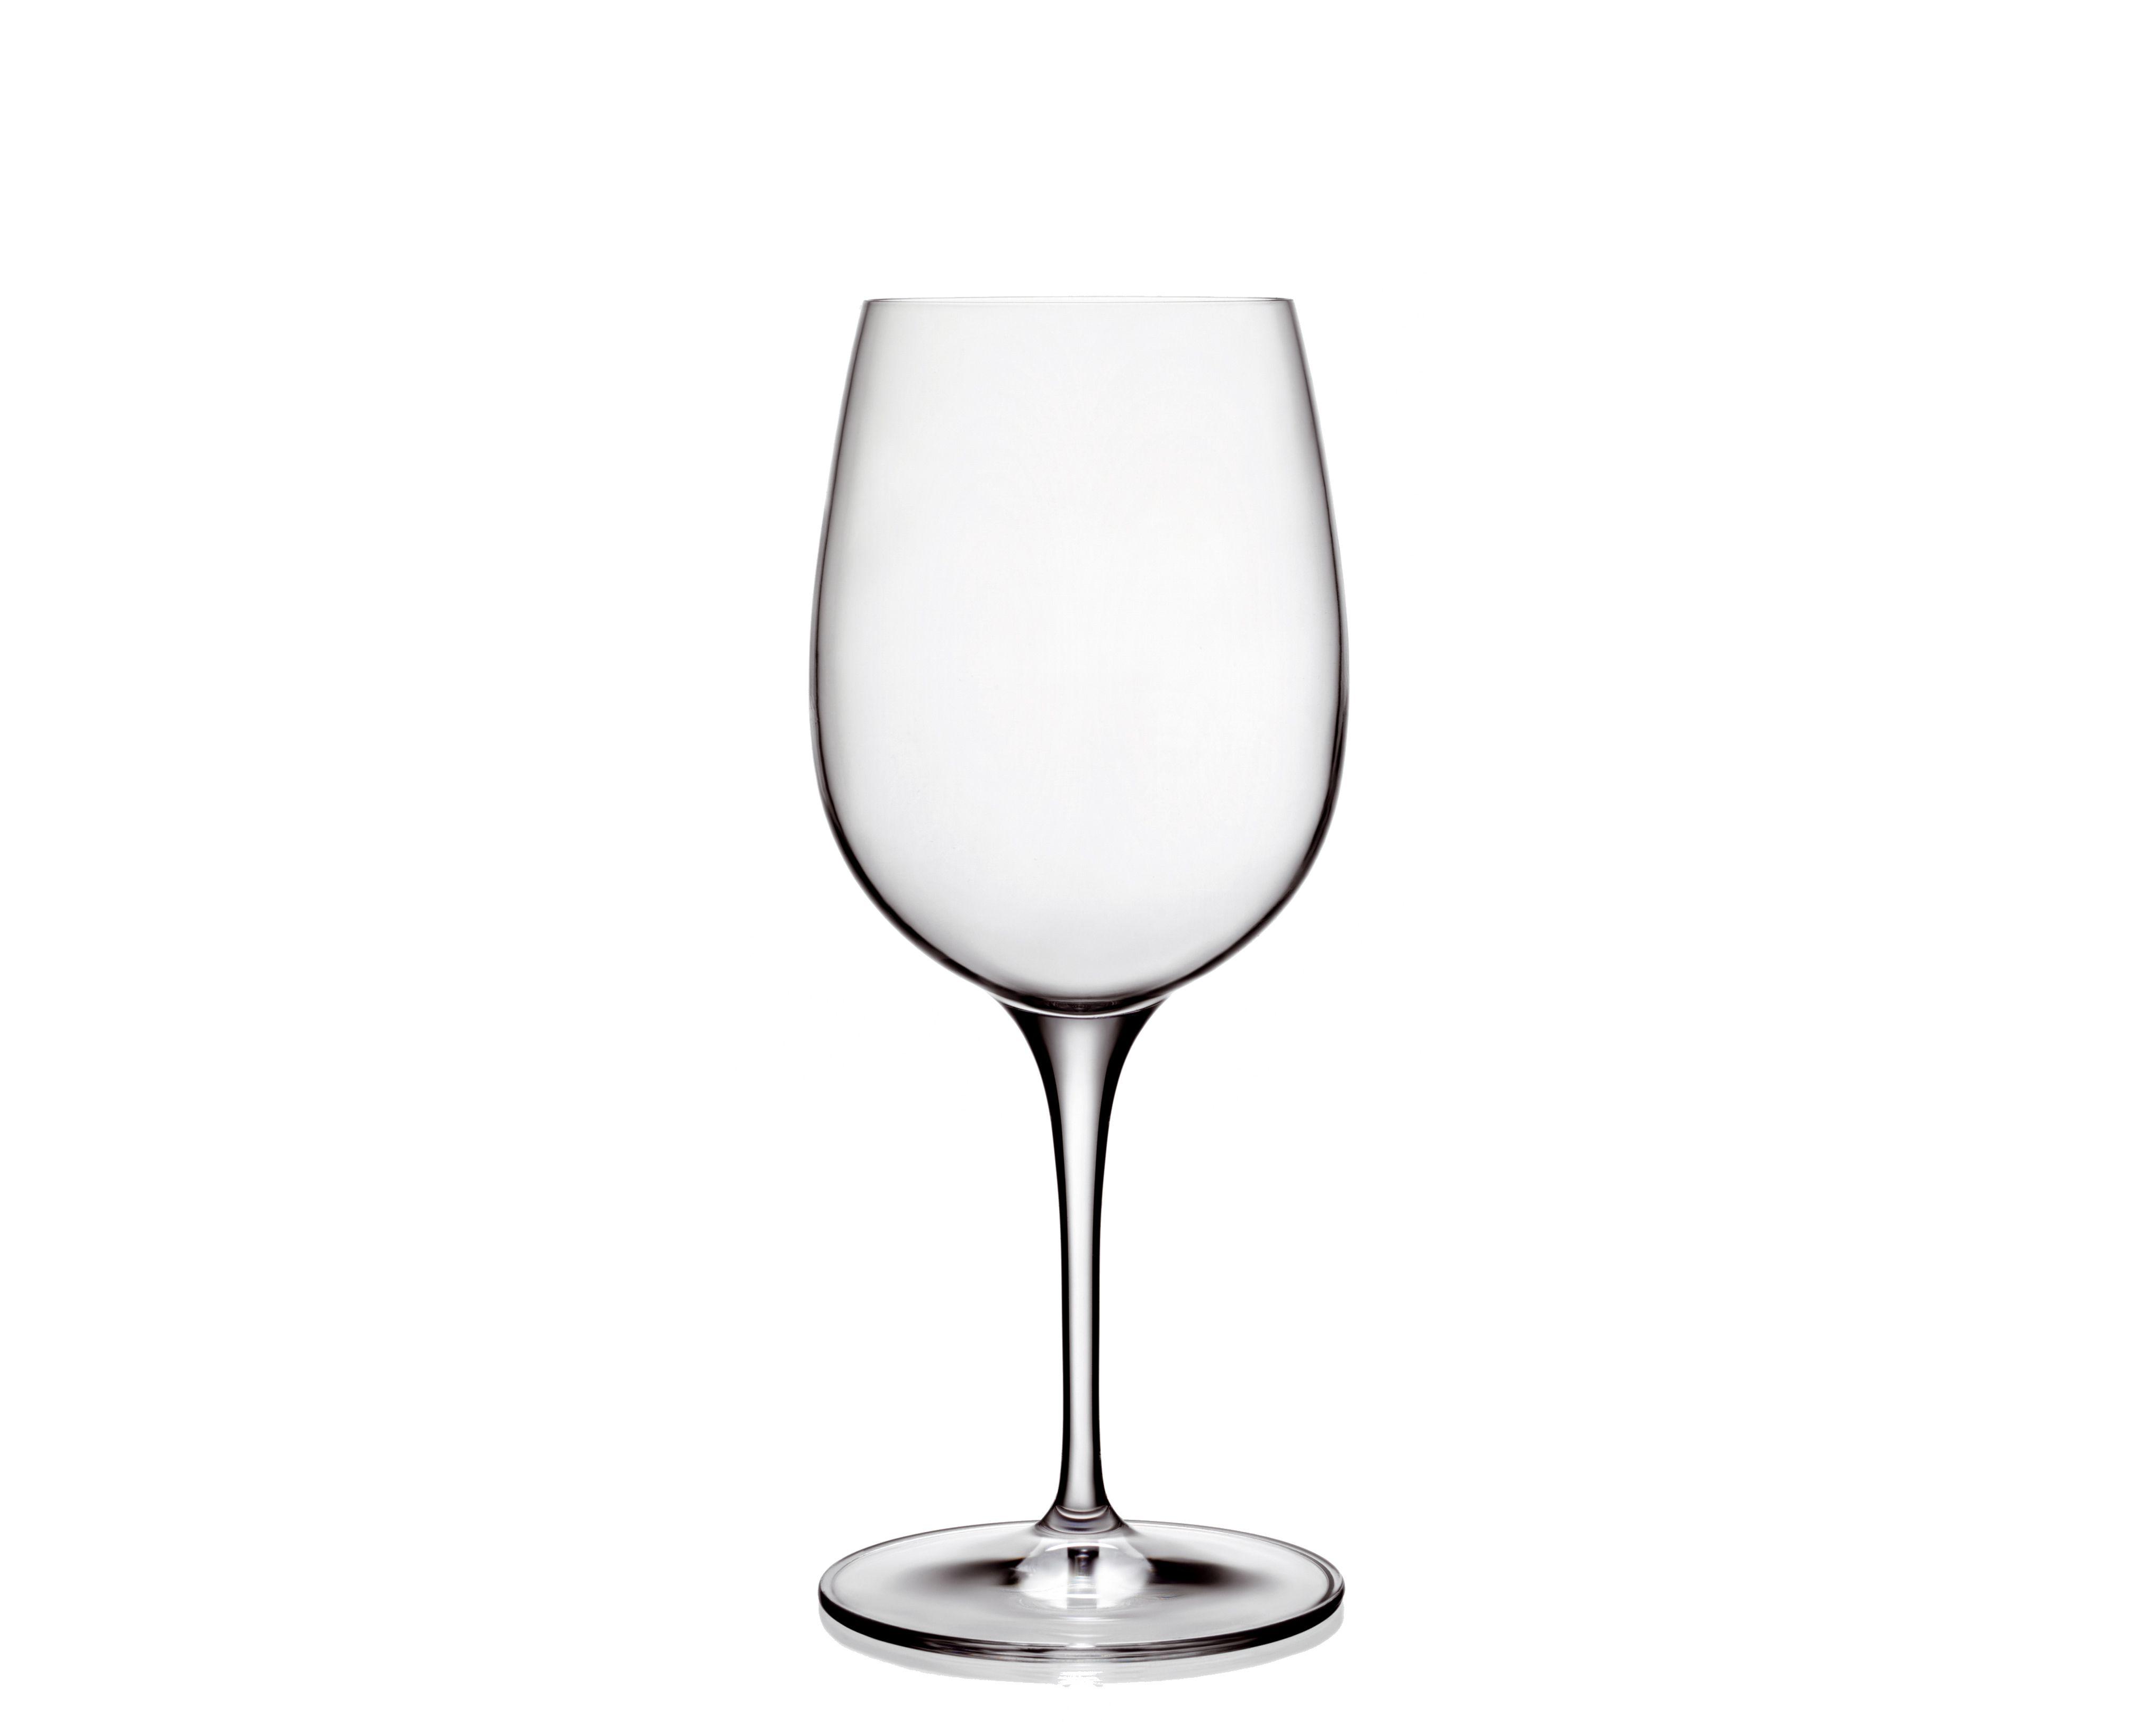 Luigi Bormioli Palace rødvinsglas, 365 ml, 6 stk